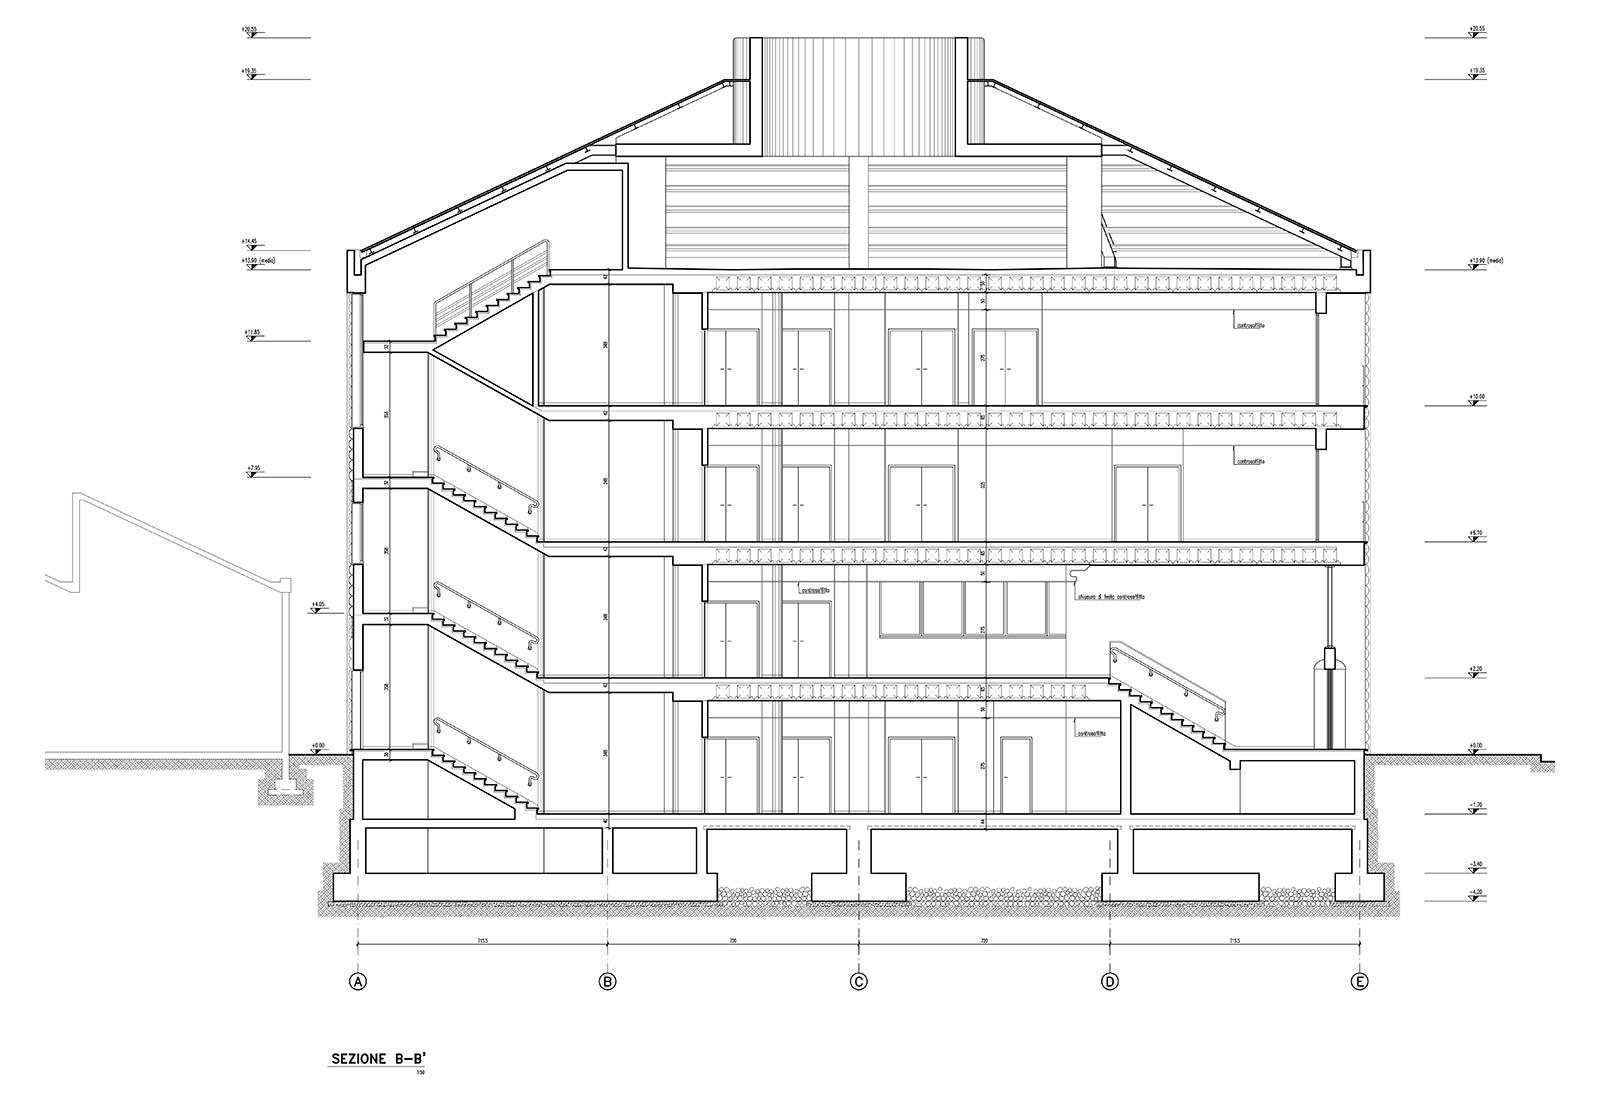 Edificio 25 Politecnico di Milano - Sezione